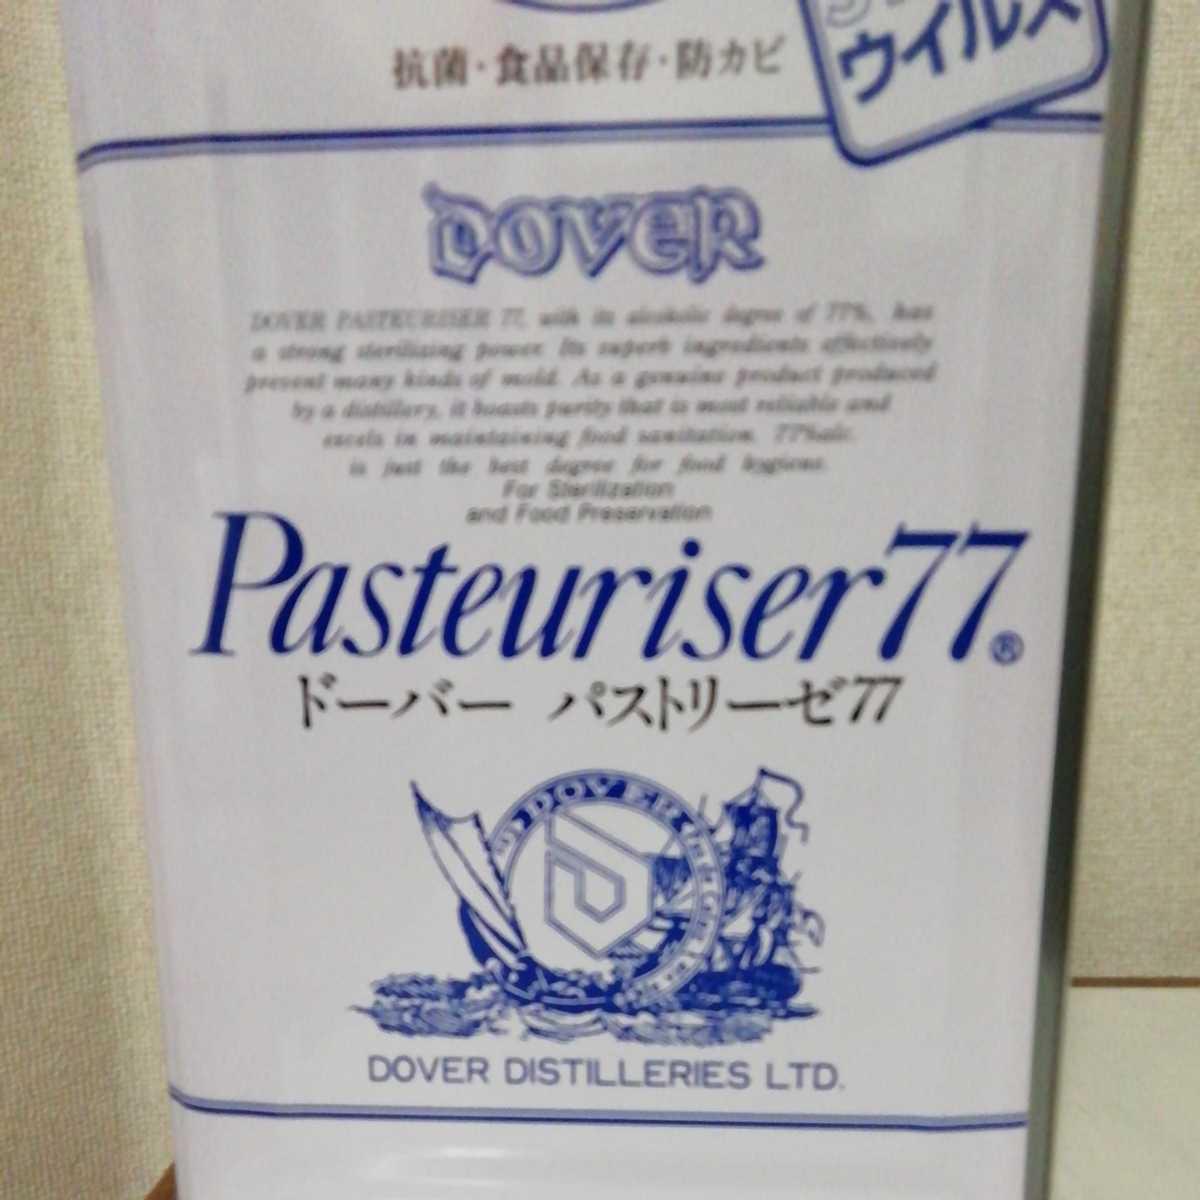 アルコール除菌液 ドーバーパストリーゼ77一斗缶(17.2リットル)